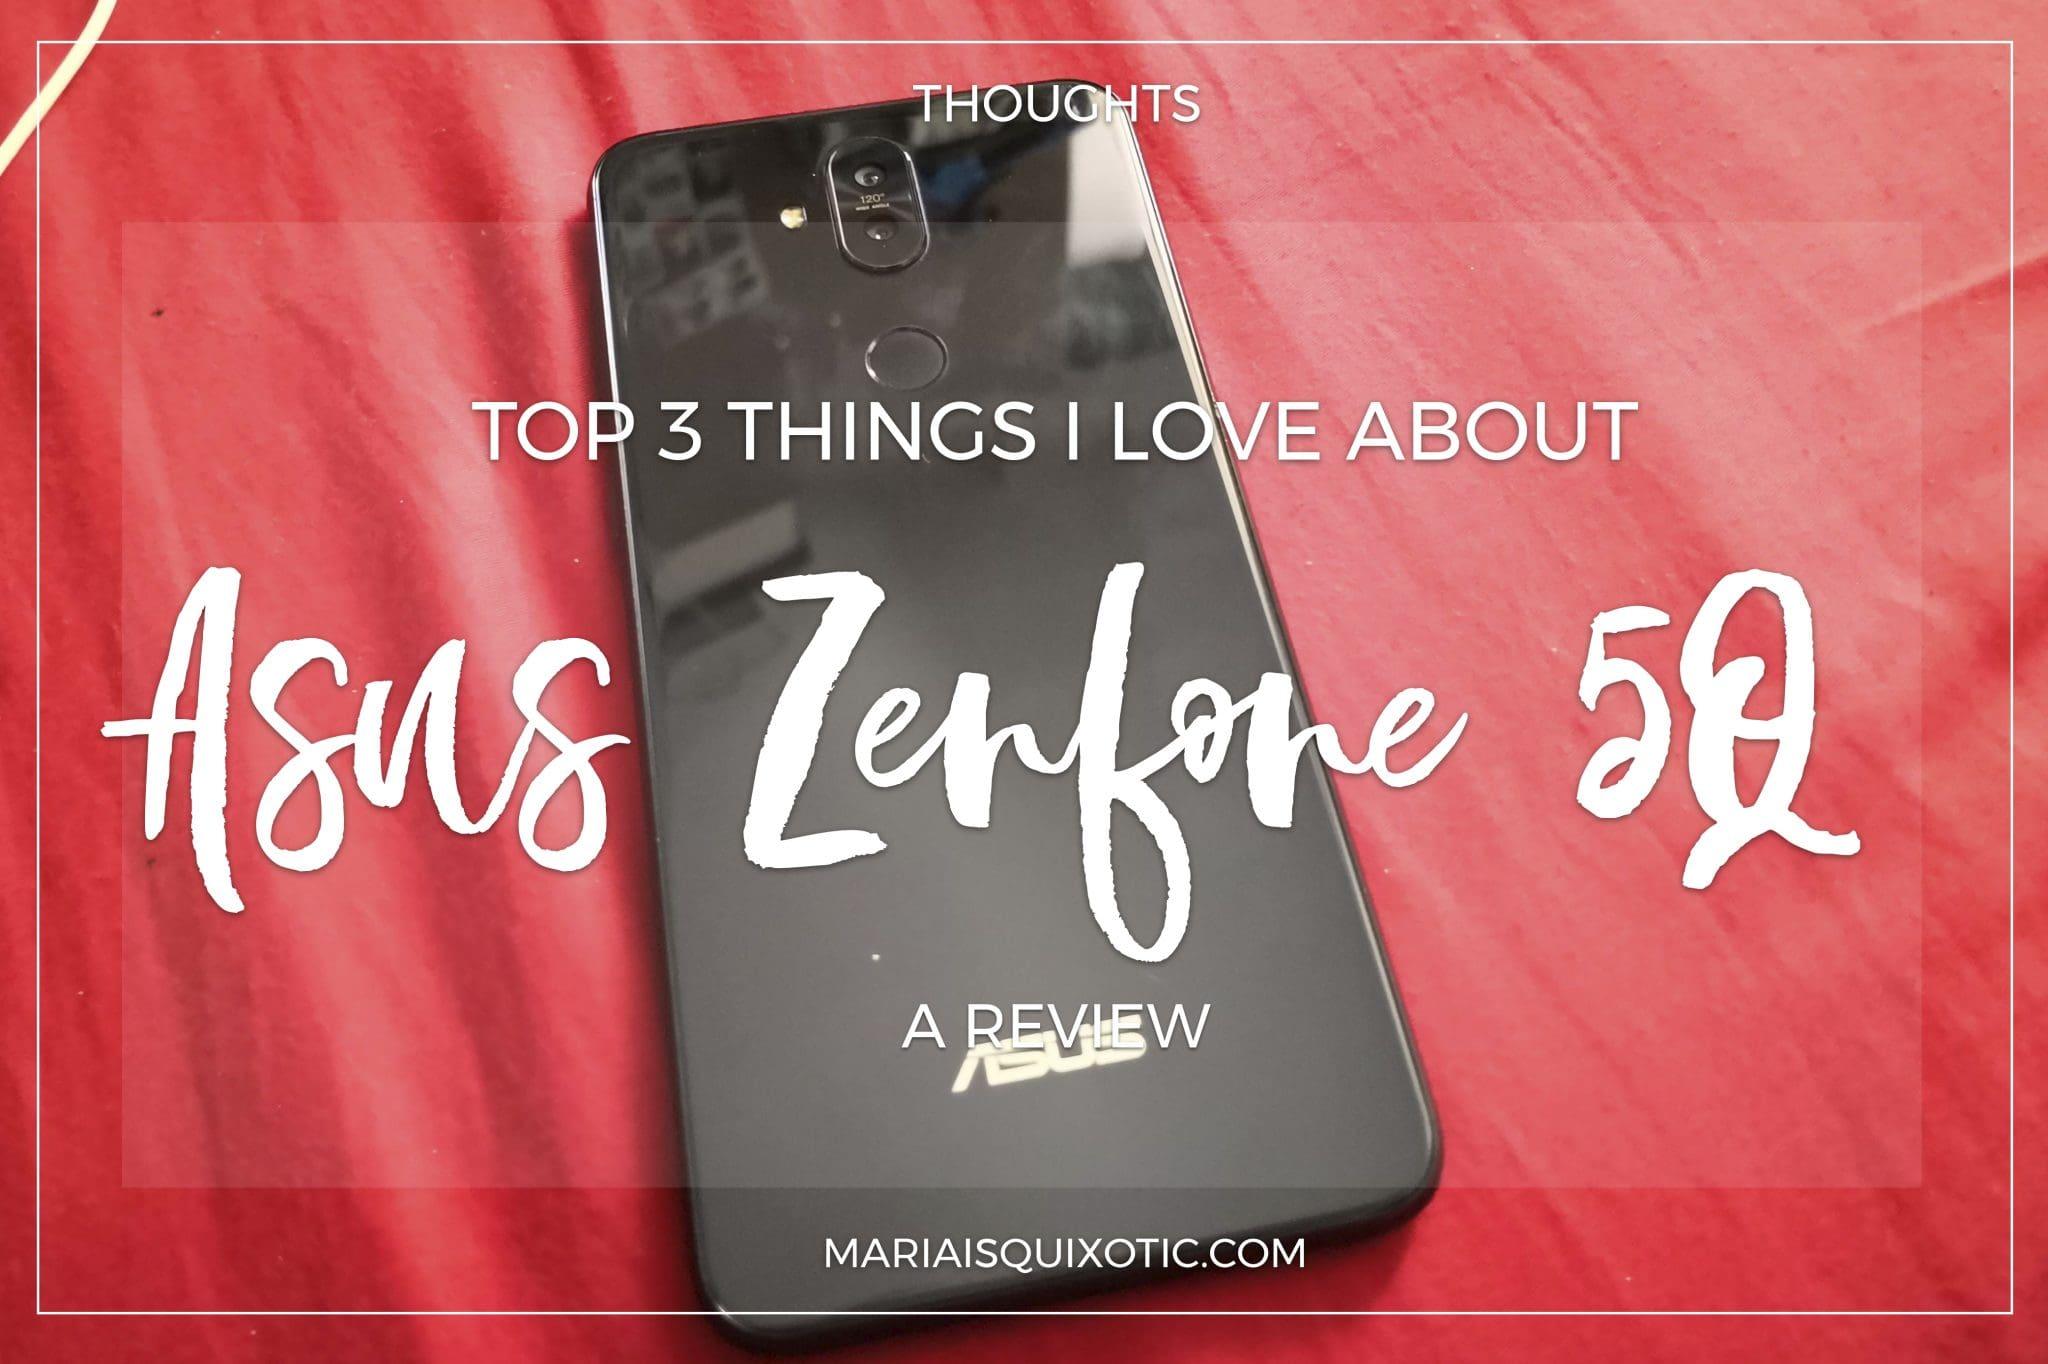 Loving Asus Zenfone 5Q